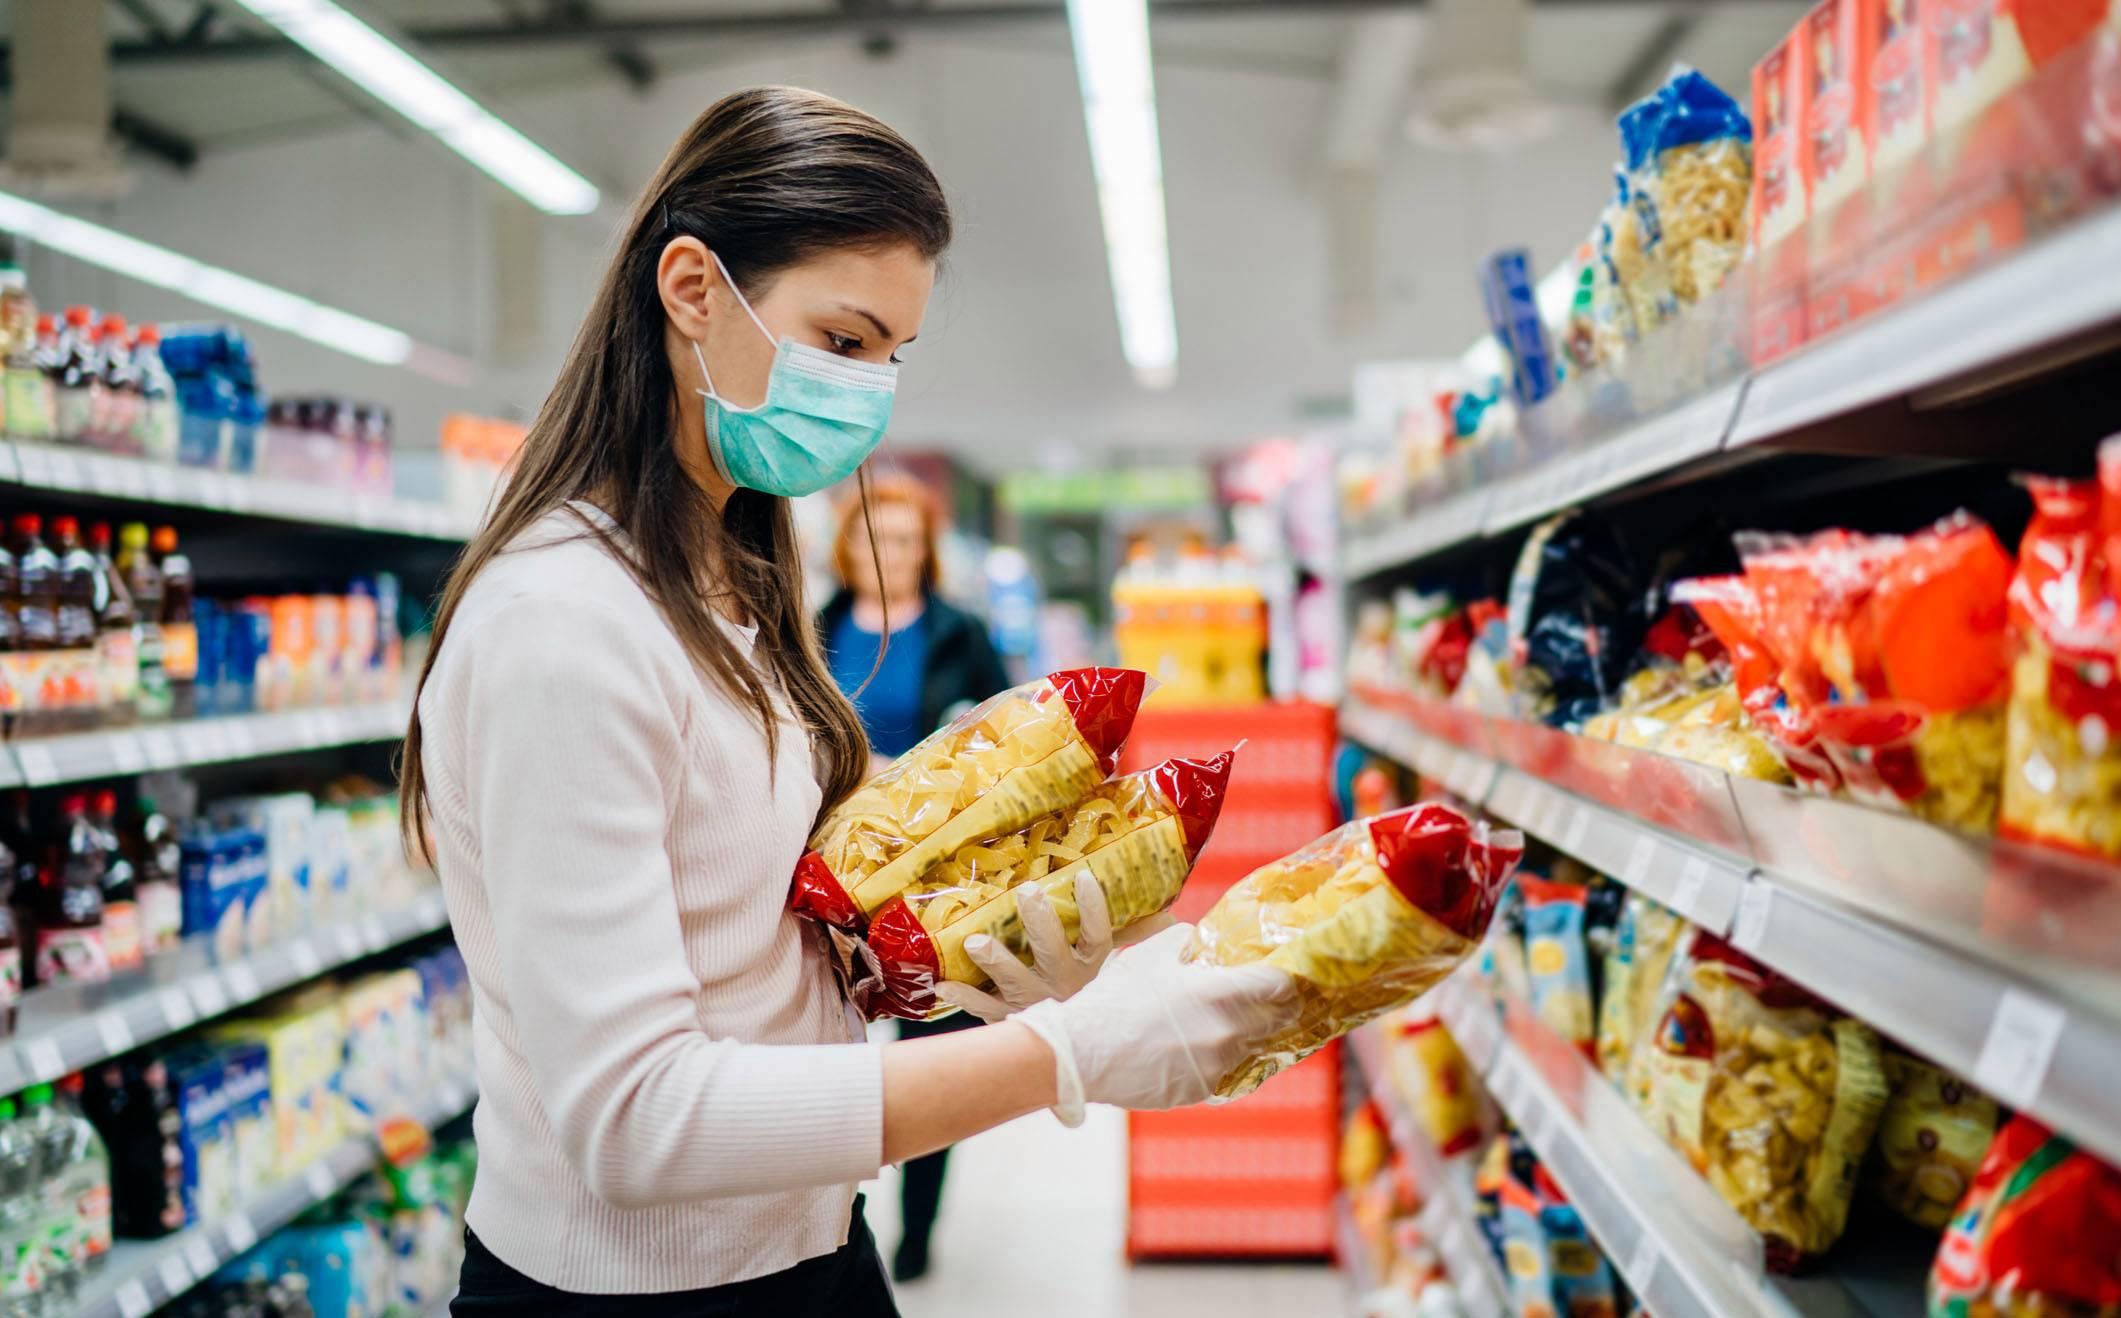 O consumidor ainda tem seu direito assegurado com relação aos demais itens que não sejam perecíveis.